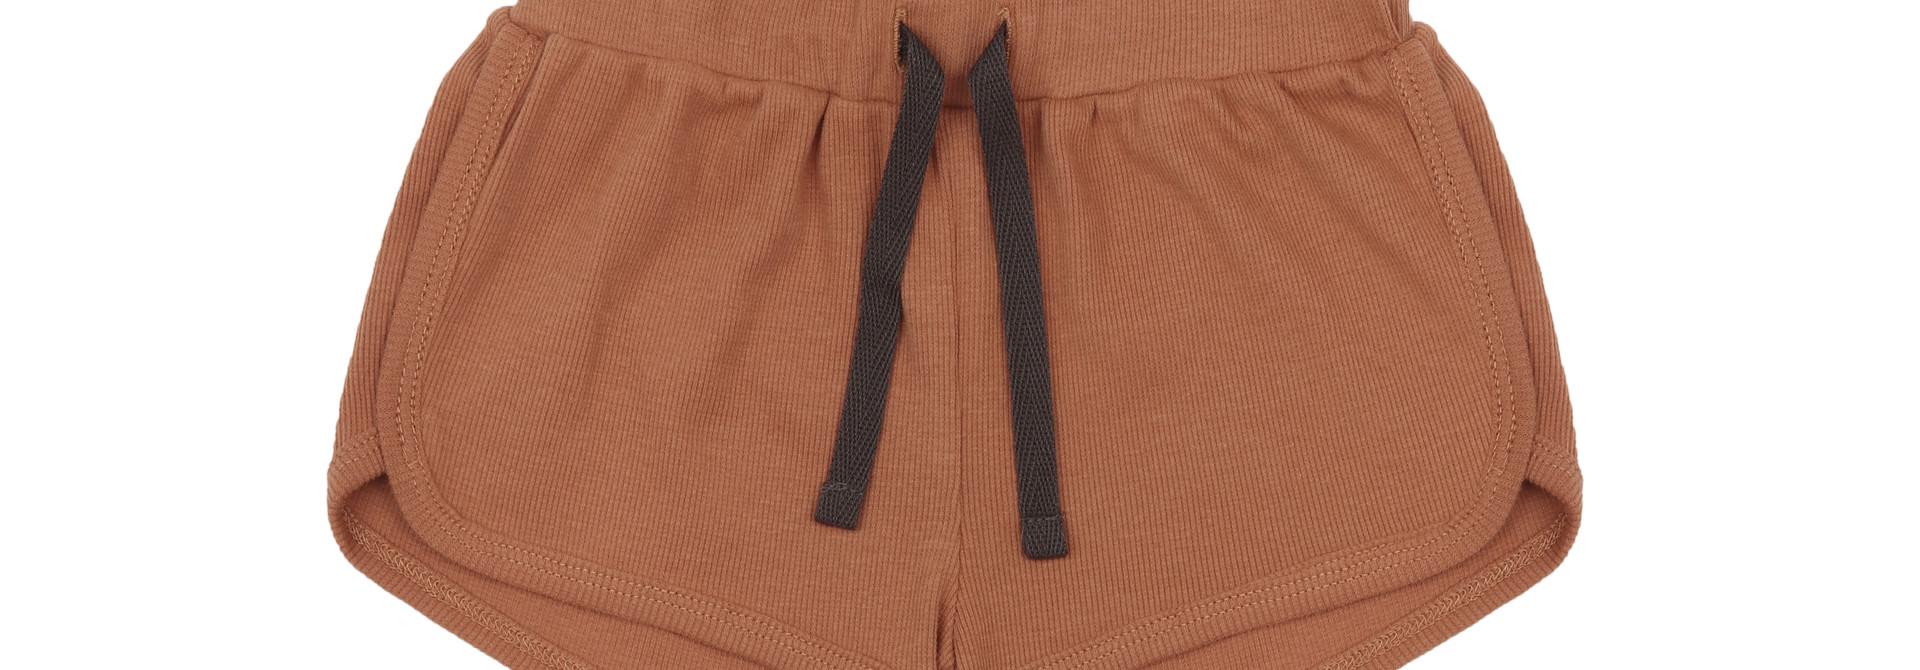 Rib shorts - terra